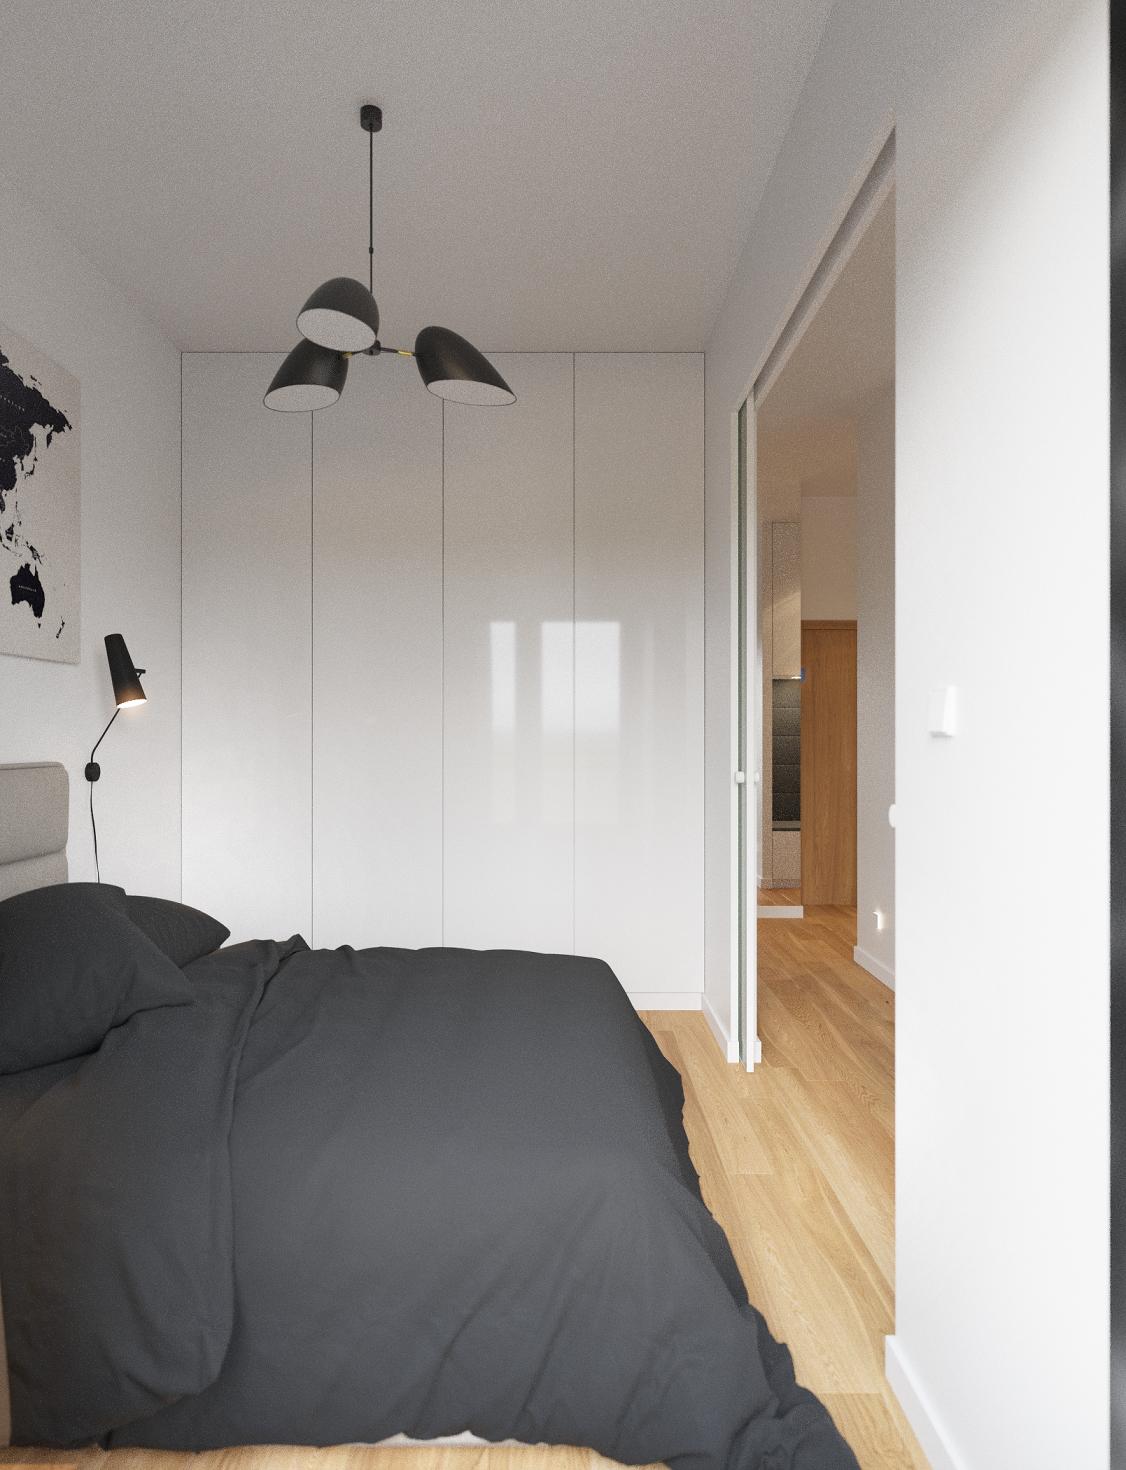 Schlafzimmer Einrichten Skandinavisch Modern Minimalistisch Schlicht  Reduziert Monochrom Weiß Schwarz Grau Einbauschrank Stauraum Kleiderschrank  Hochglanz ...